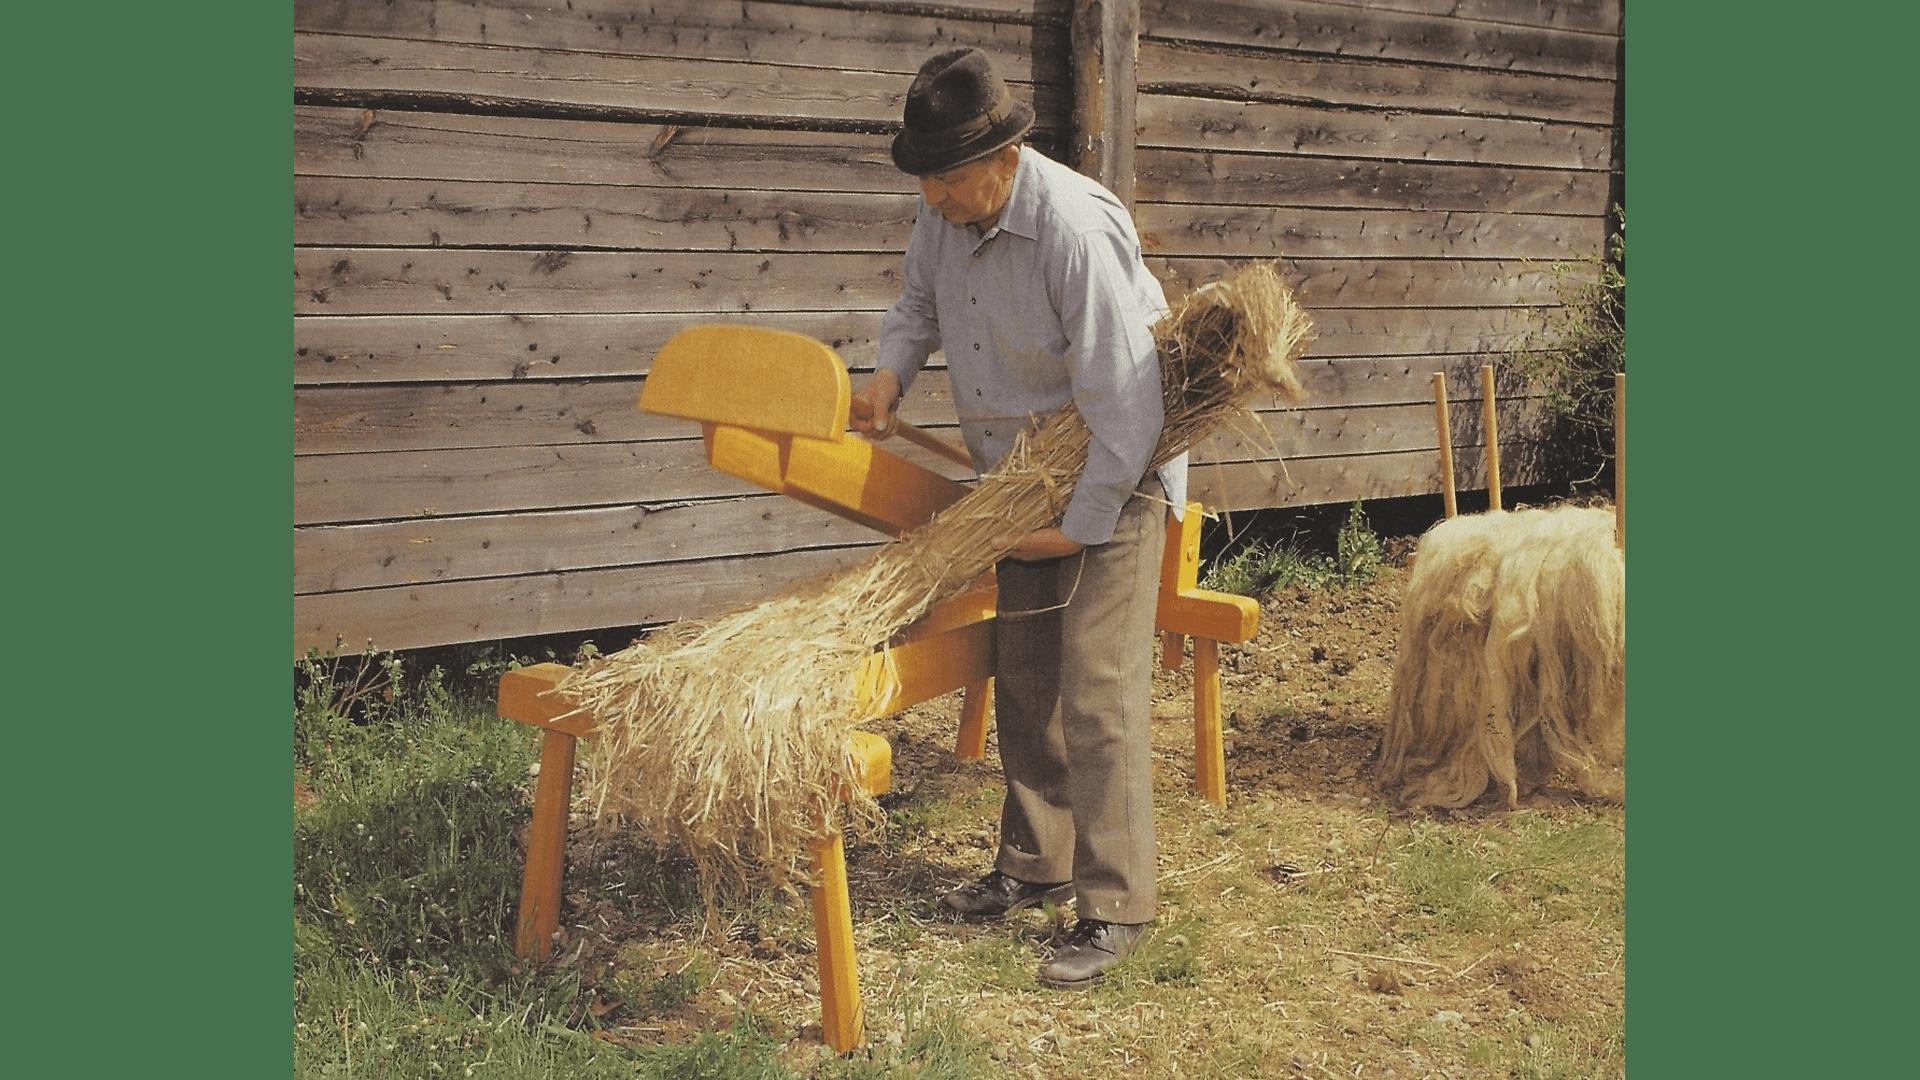 Das Hanfbrechen mit der Hanfbreche- 1992 nachgestellt. War eineschwere Knochenarbeit. Durch den Hanfanbau kam ein gewisser Wohlstand in die Dörfer – deshalb nannte man den Hanf auch das weiße Gold der Batschka. Foto: Archiv Freundeskreis Filipowa.